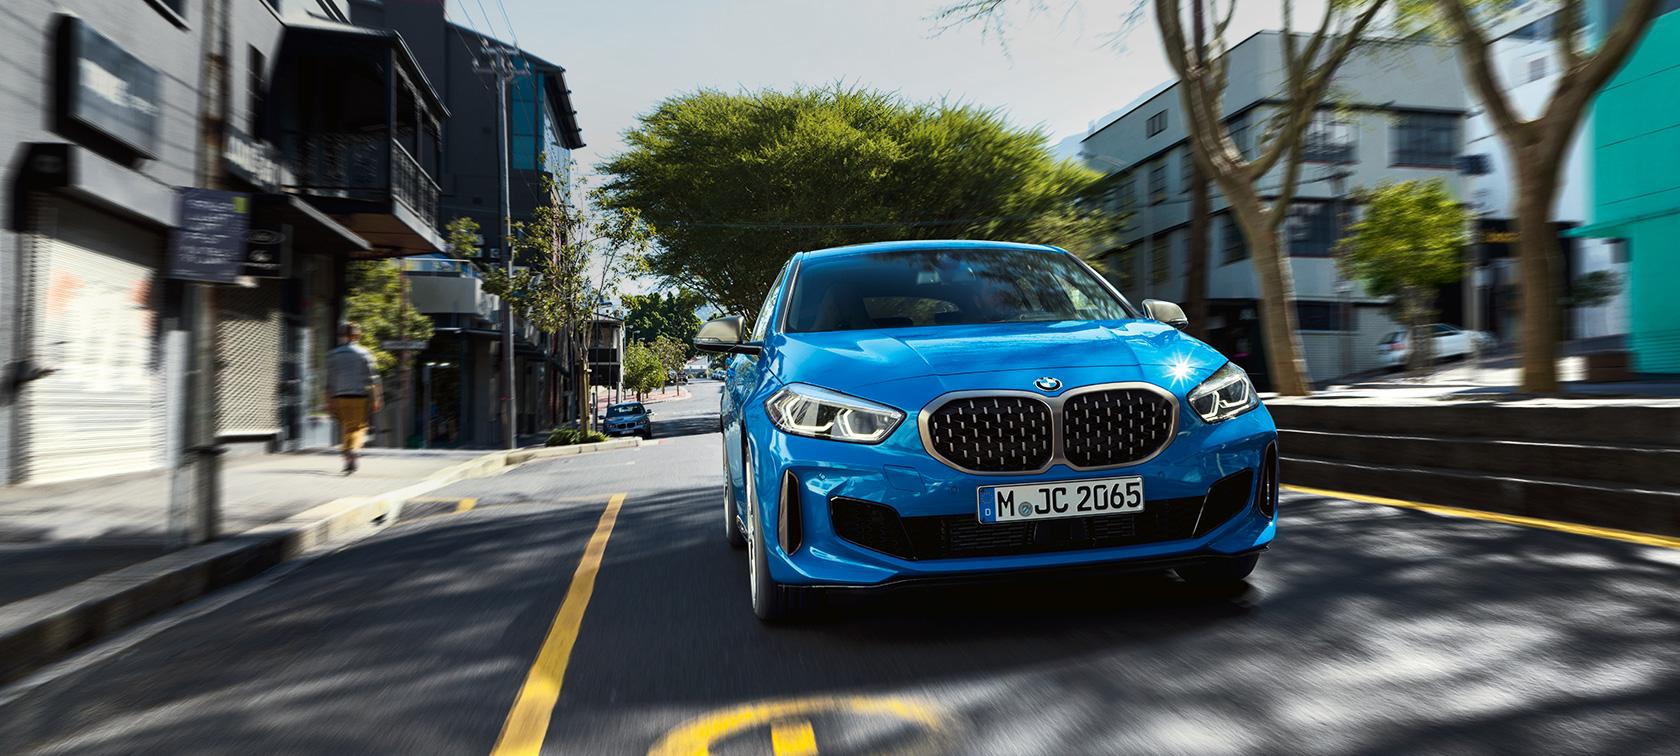 BMW prépare une Série 1 électrique parmi les douze modèles zéro émission prévus d'ici 2025